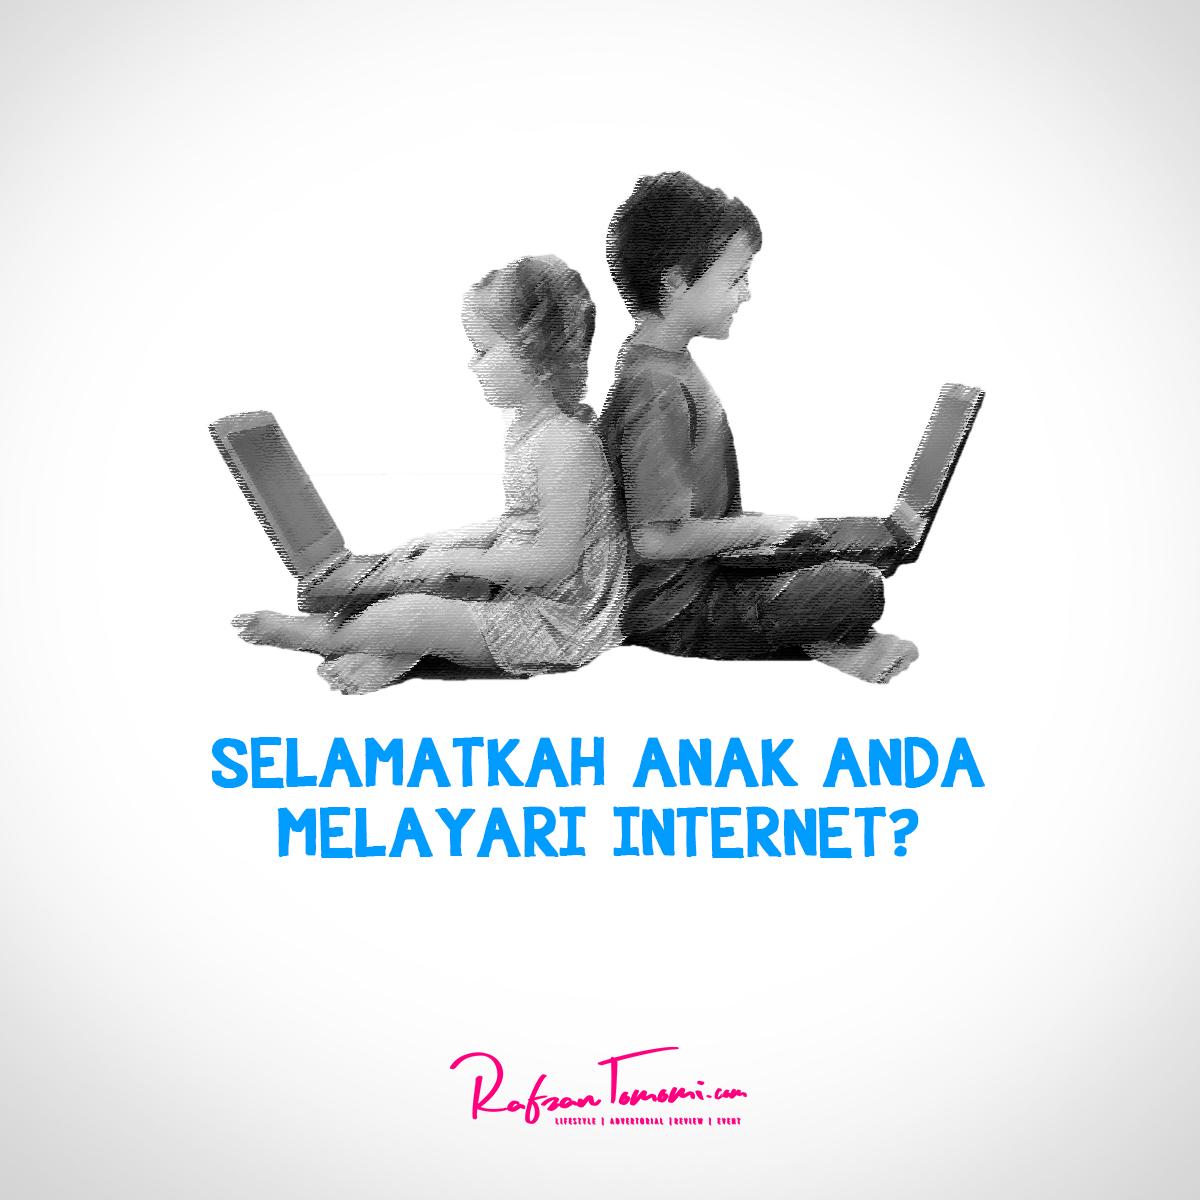 Selamatkah Anak Anda Melayari Internet? Salam Browser